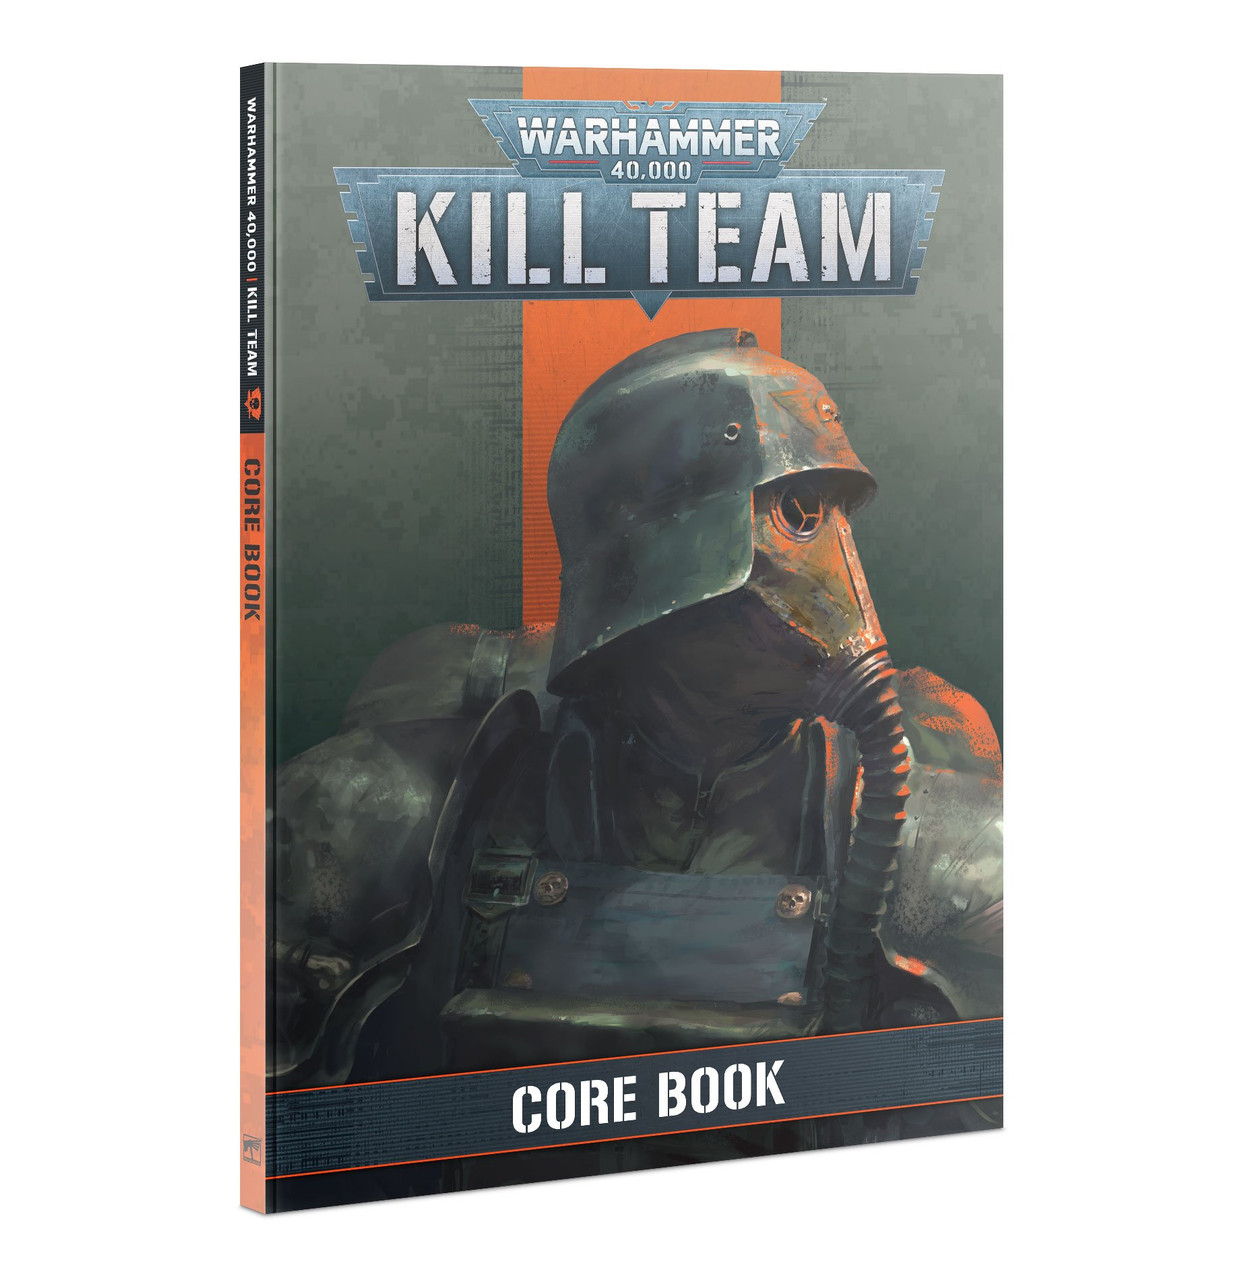 KILL TEAM: CORE BOOK